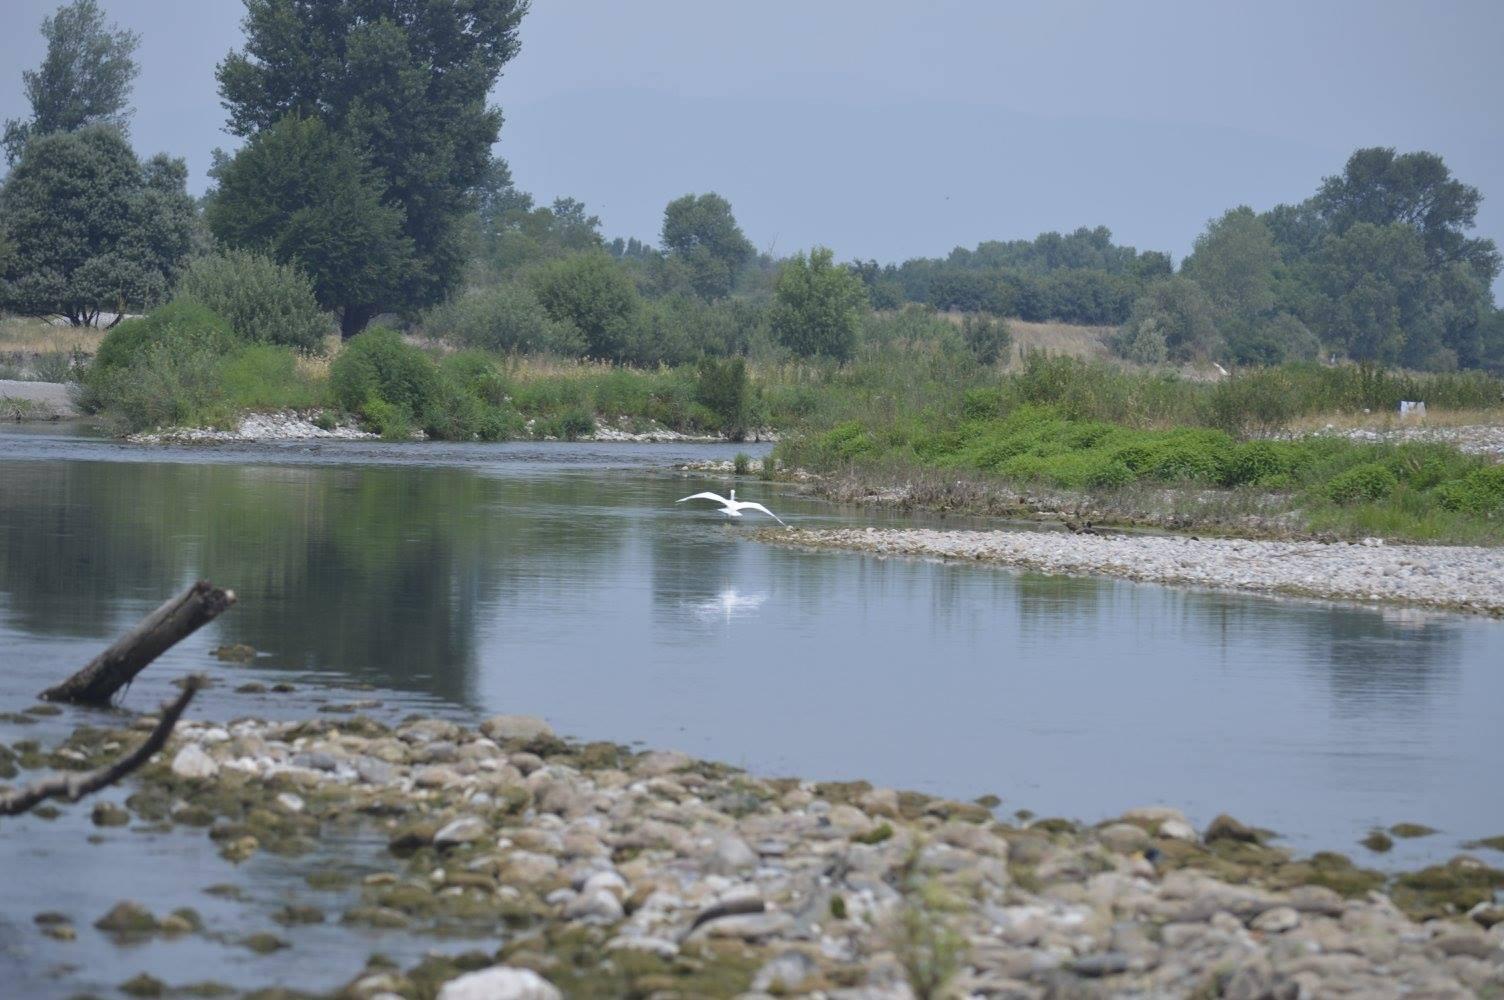 fiume chiese nei pressi di carpenedolo